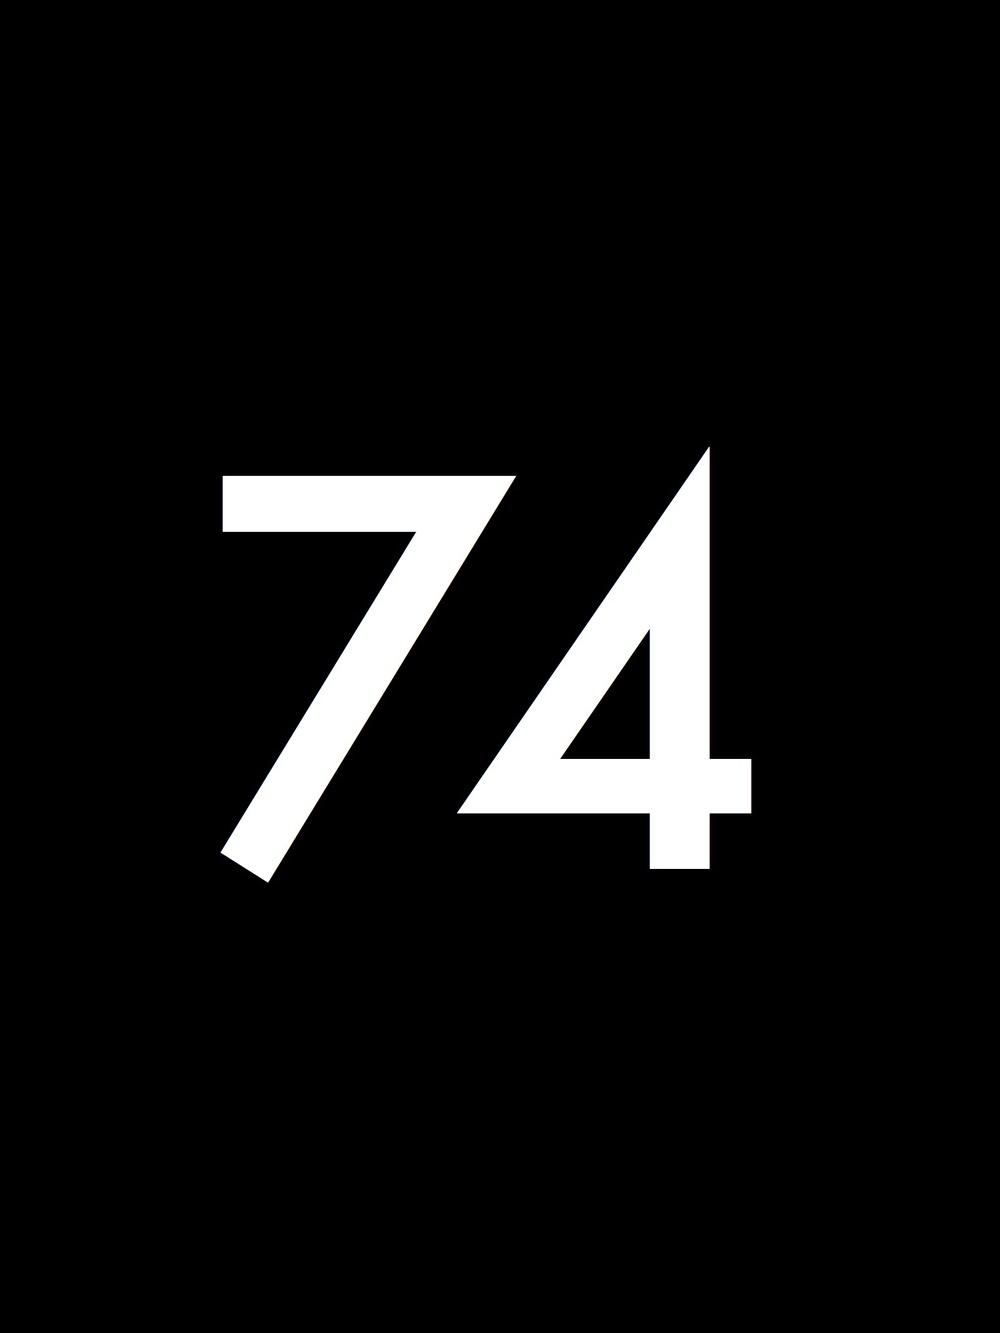 Black_Number.074.jpg